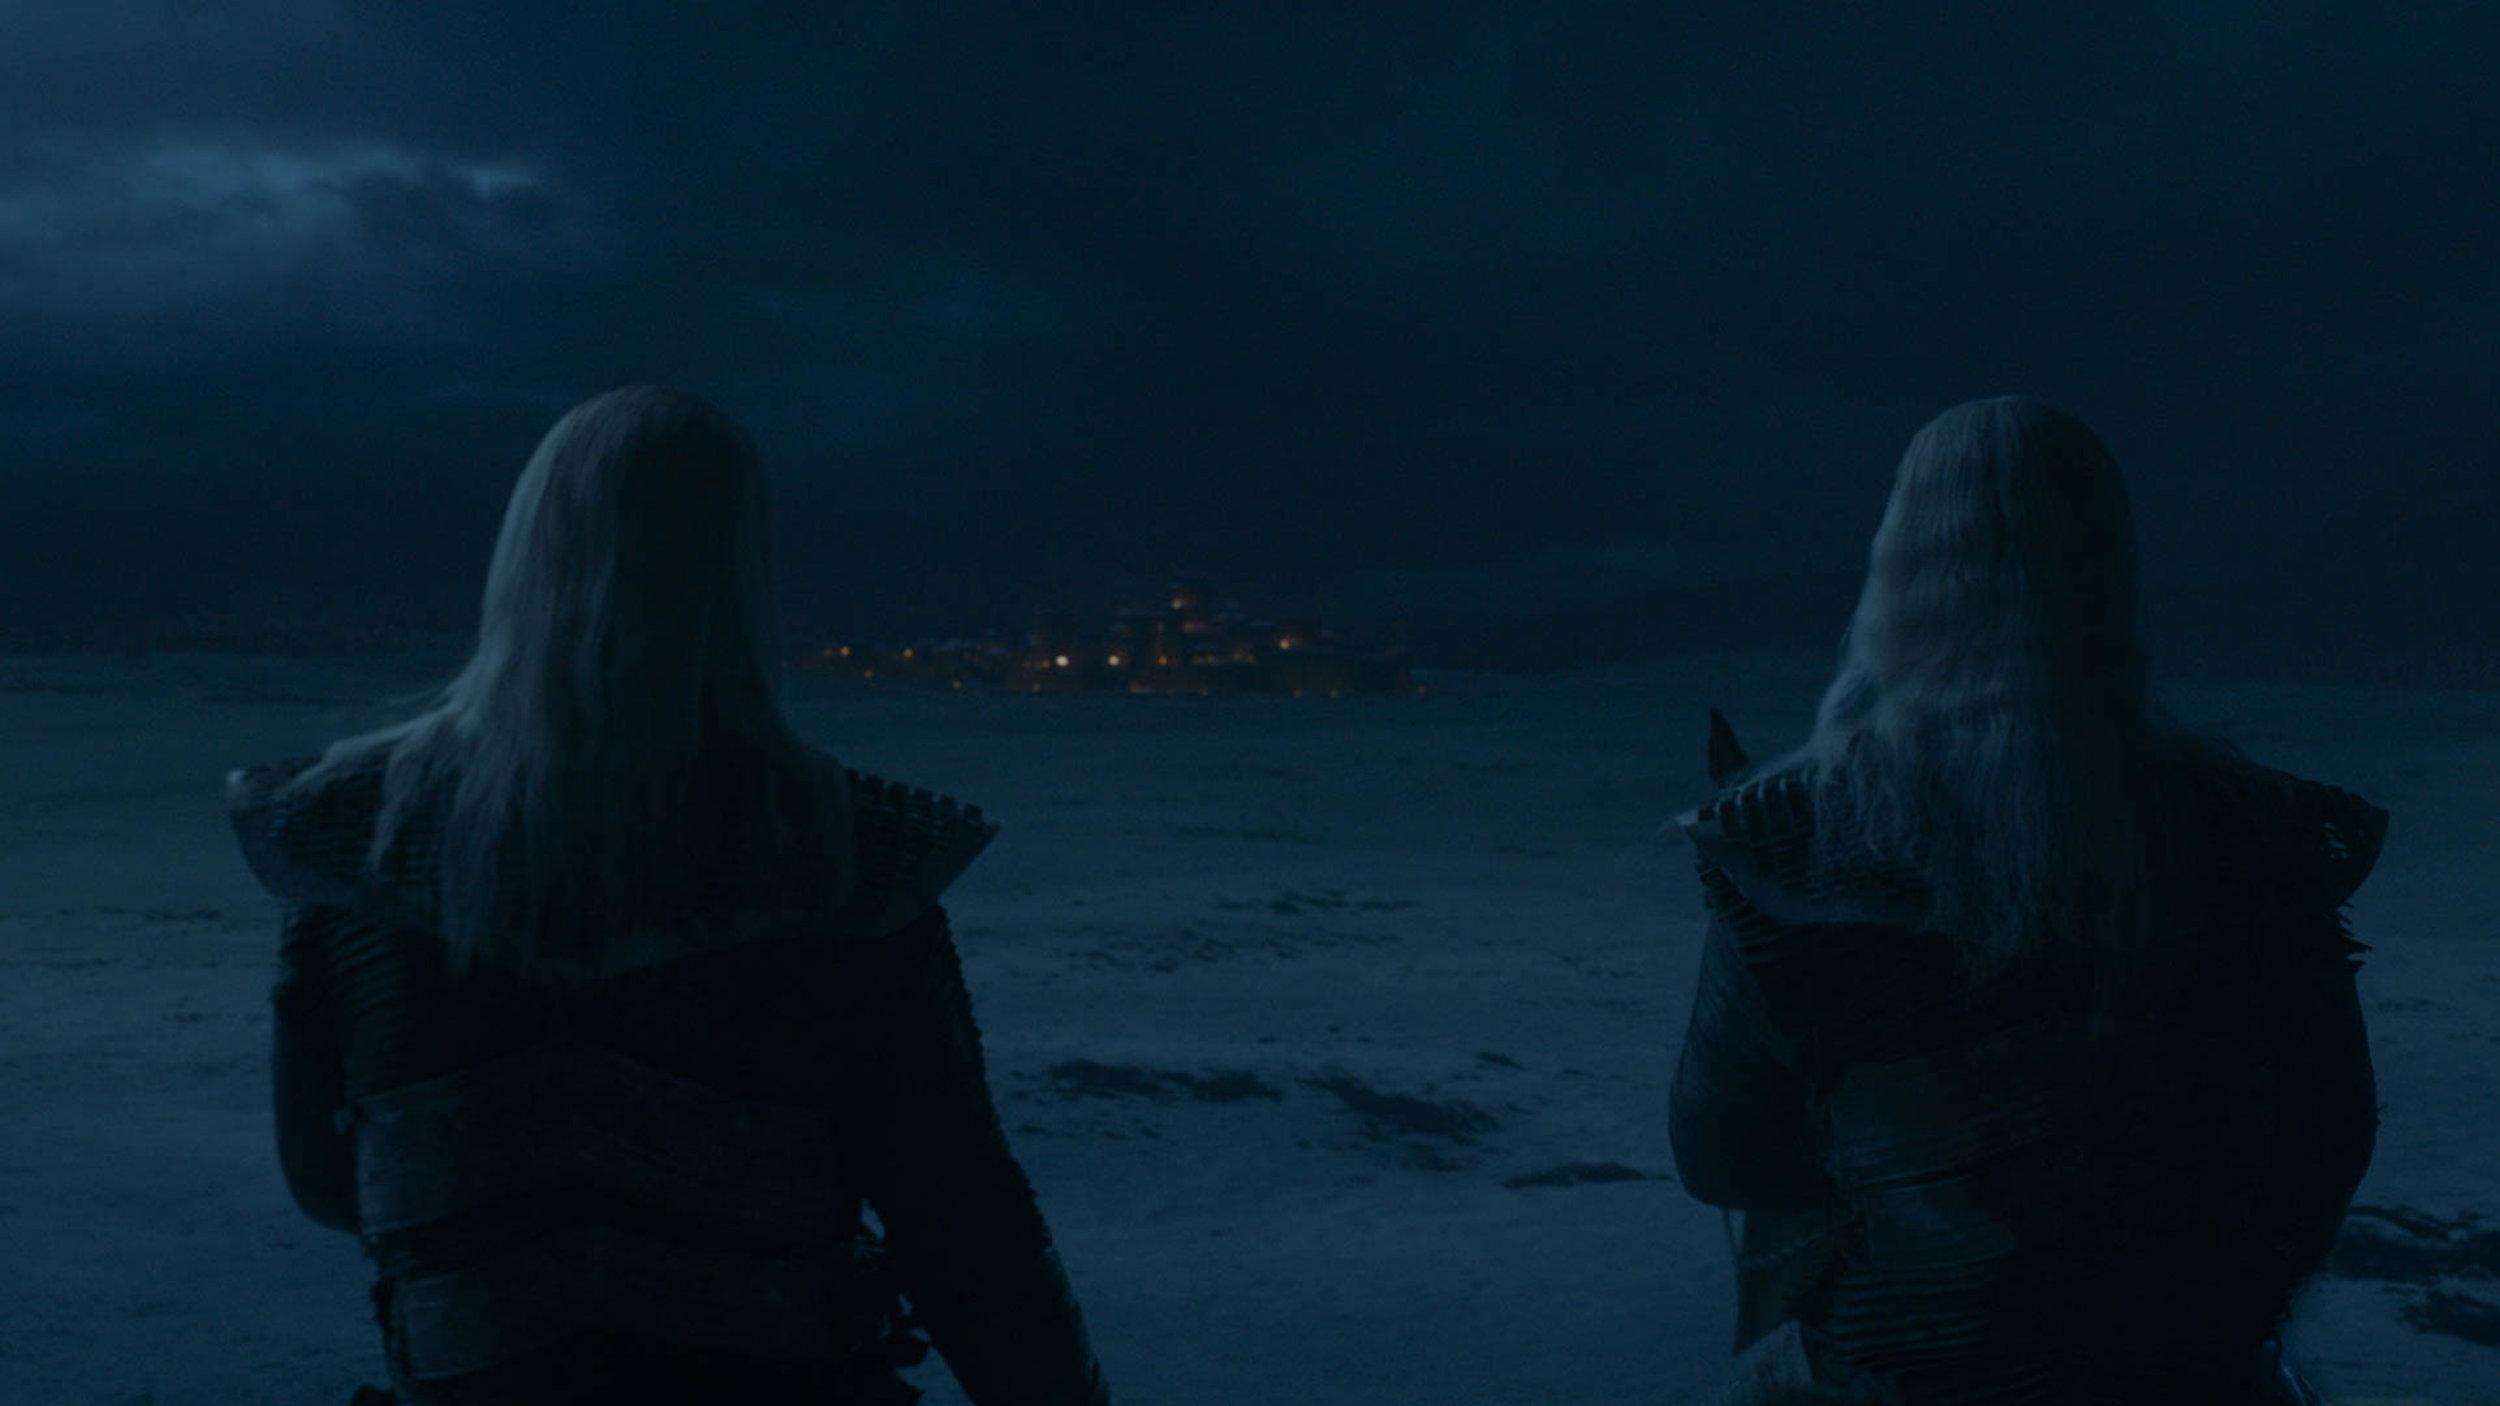 Awwwwwwwwwww shiiiiiiiiit  Image - HBO